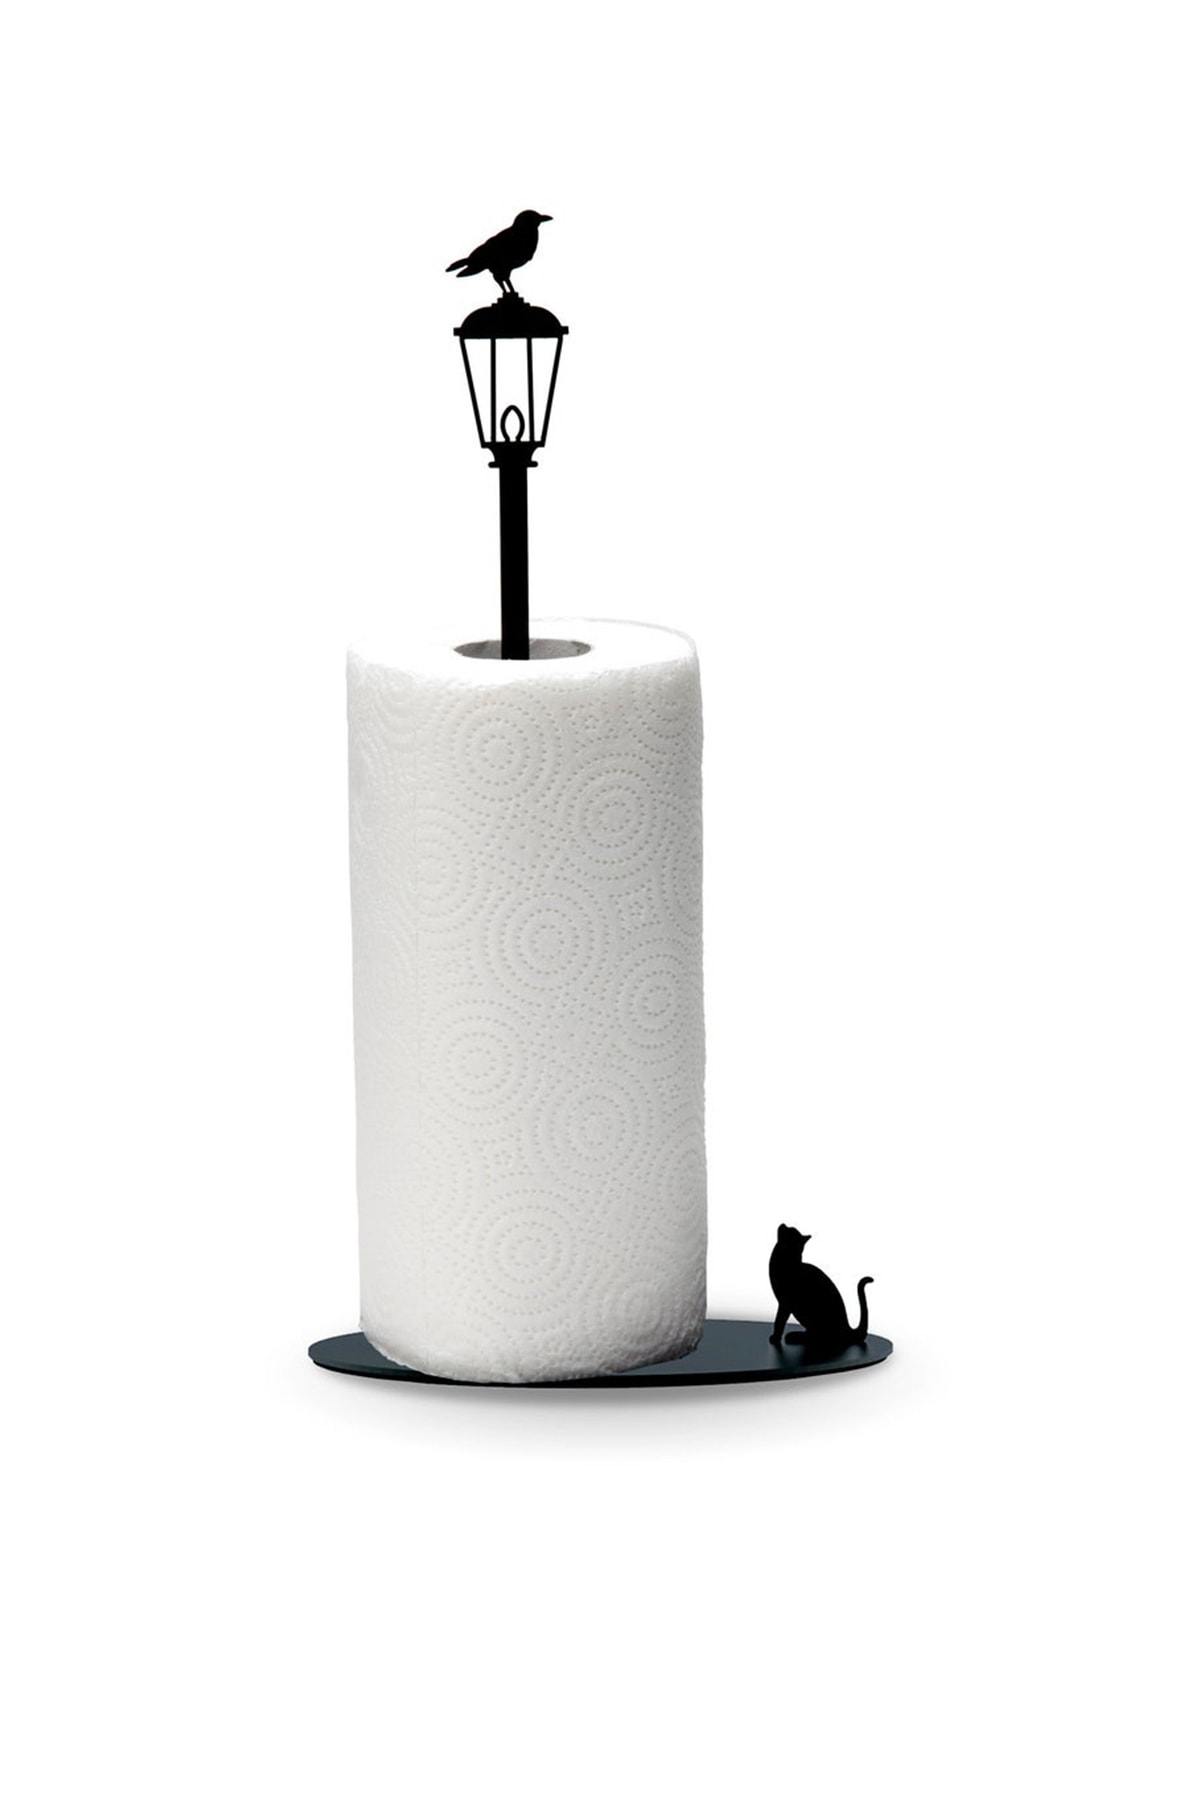 Svava Kağıt Havluluk Kedi Ve Karga Metal Mutfak Kağıt Standı 1